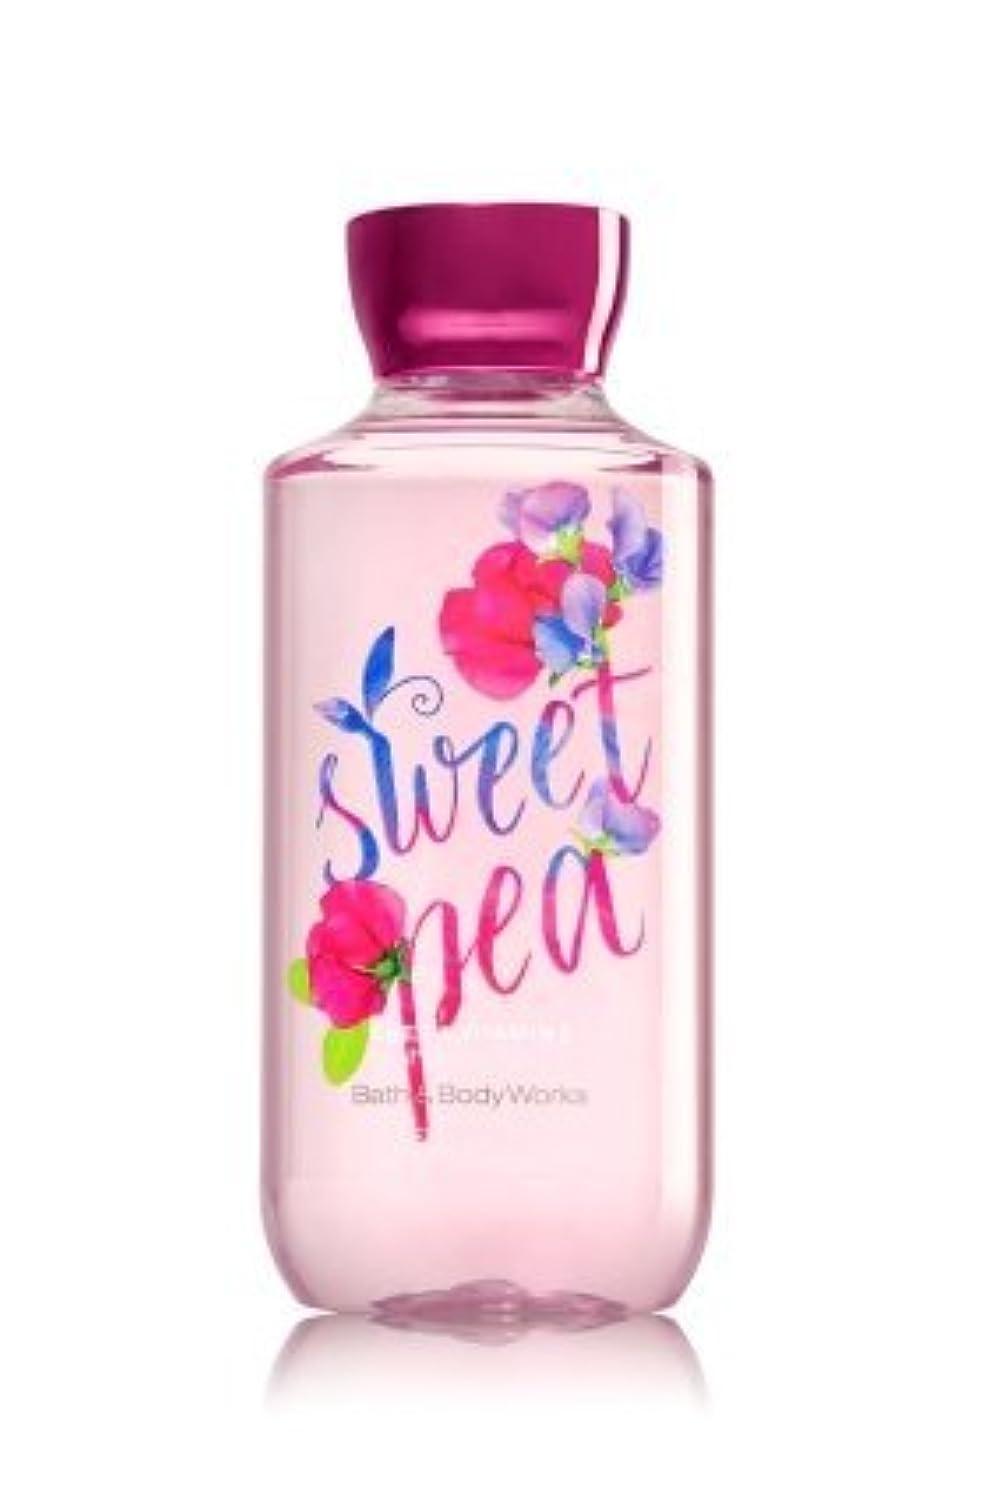 確かめる抱擁単なる【Bath&Body Works/バス&ボディワークス】 シャワージェル スイートピー Shower Gel Sweet Pea 10 fl oz / 295 mL [並行輸入品]